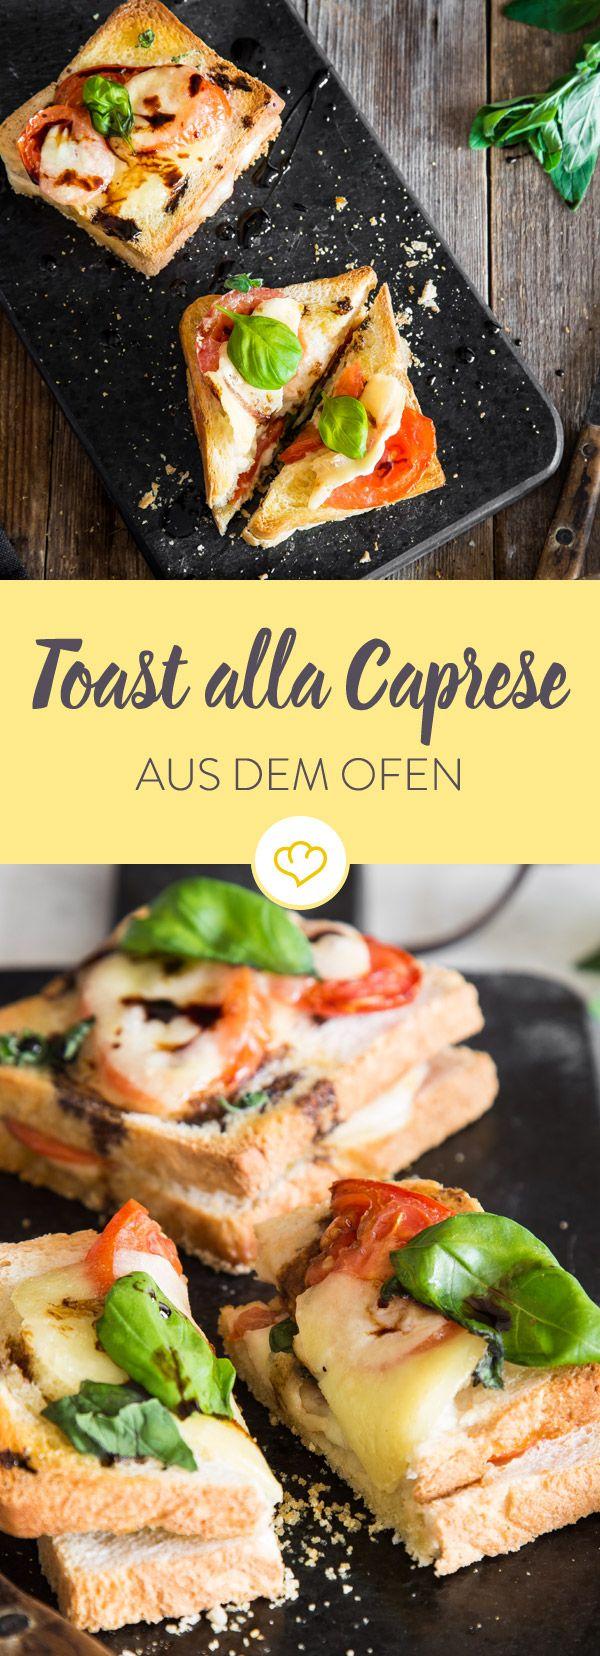 Feierabend! Jetzt einfach dein Toast mit Tomate, Mozzarella und Basilikum belegen, ab in den Ofen damit und fertig ist dein köstliches Toast alla Caprese